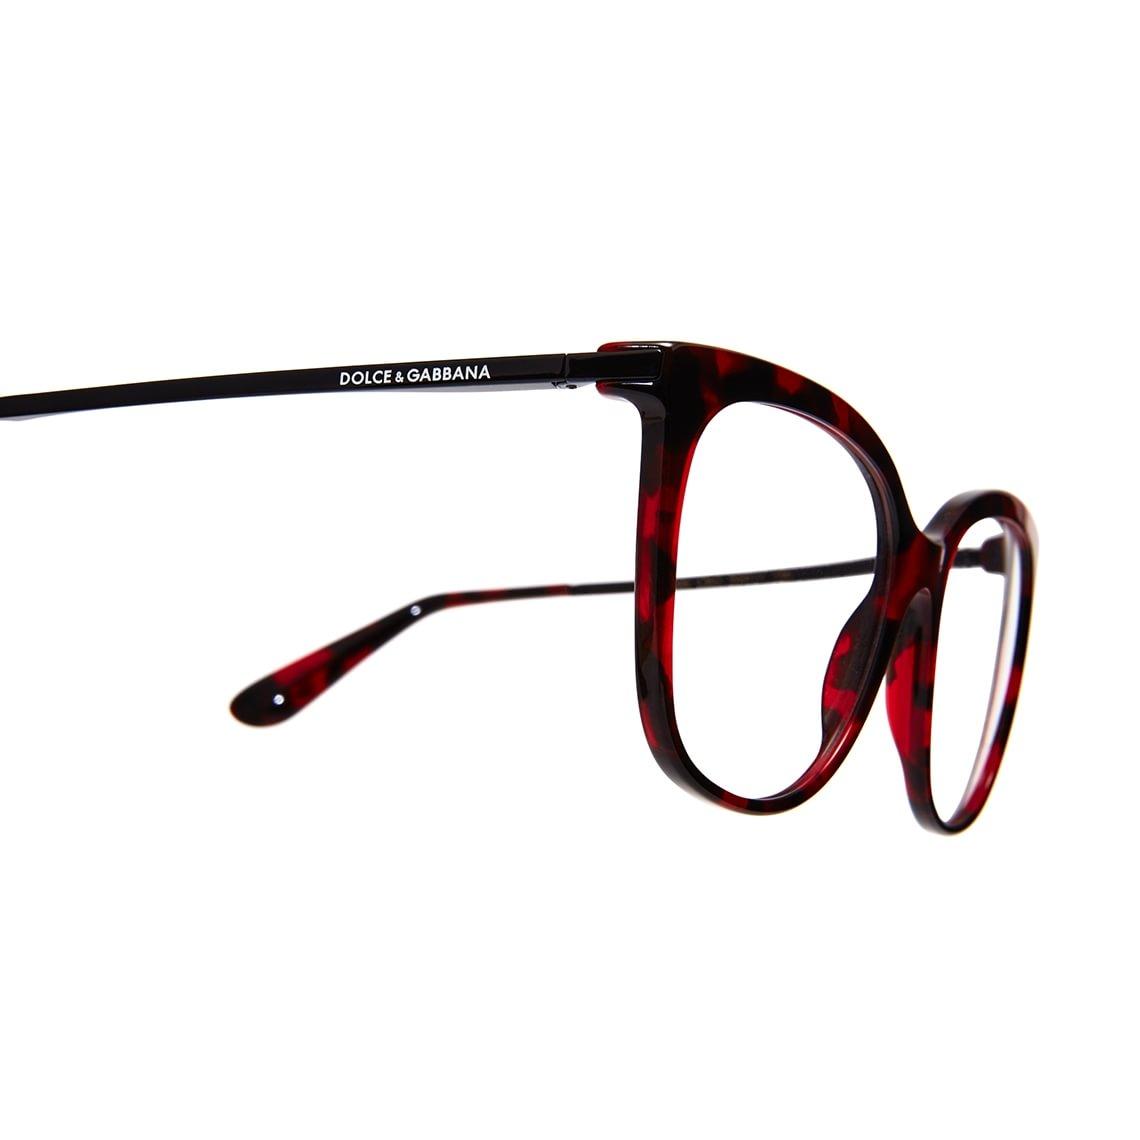 Dolce & Gabbana DG3259 2889 53